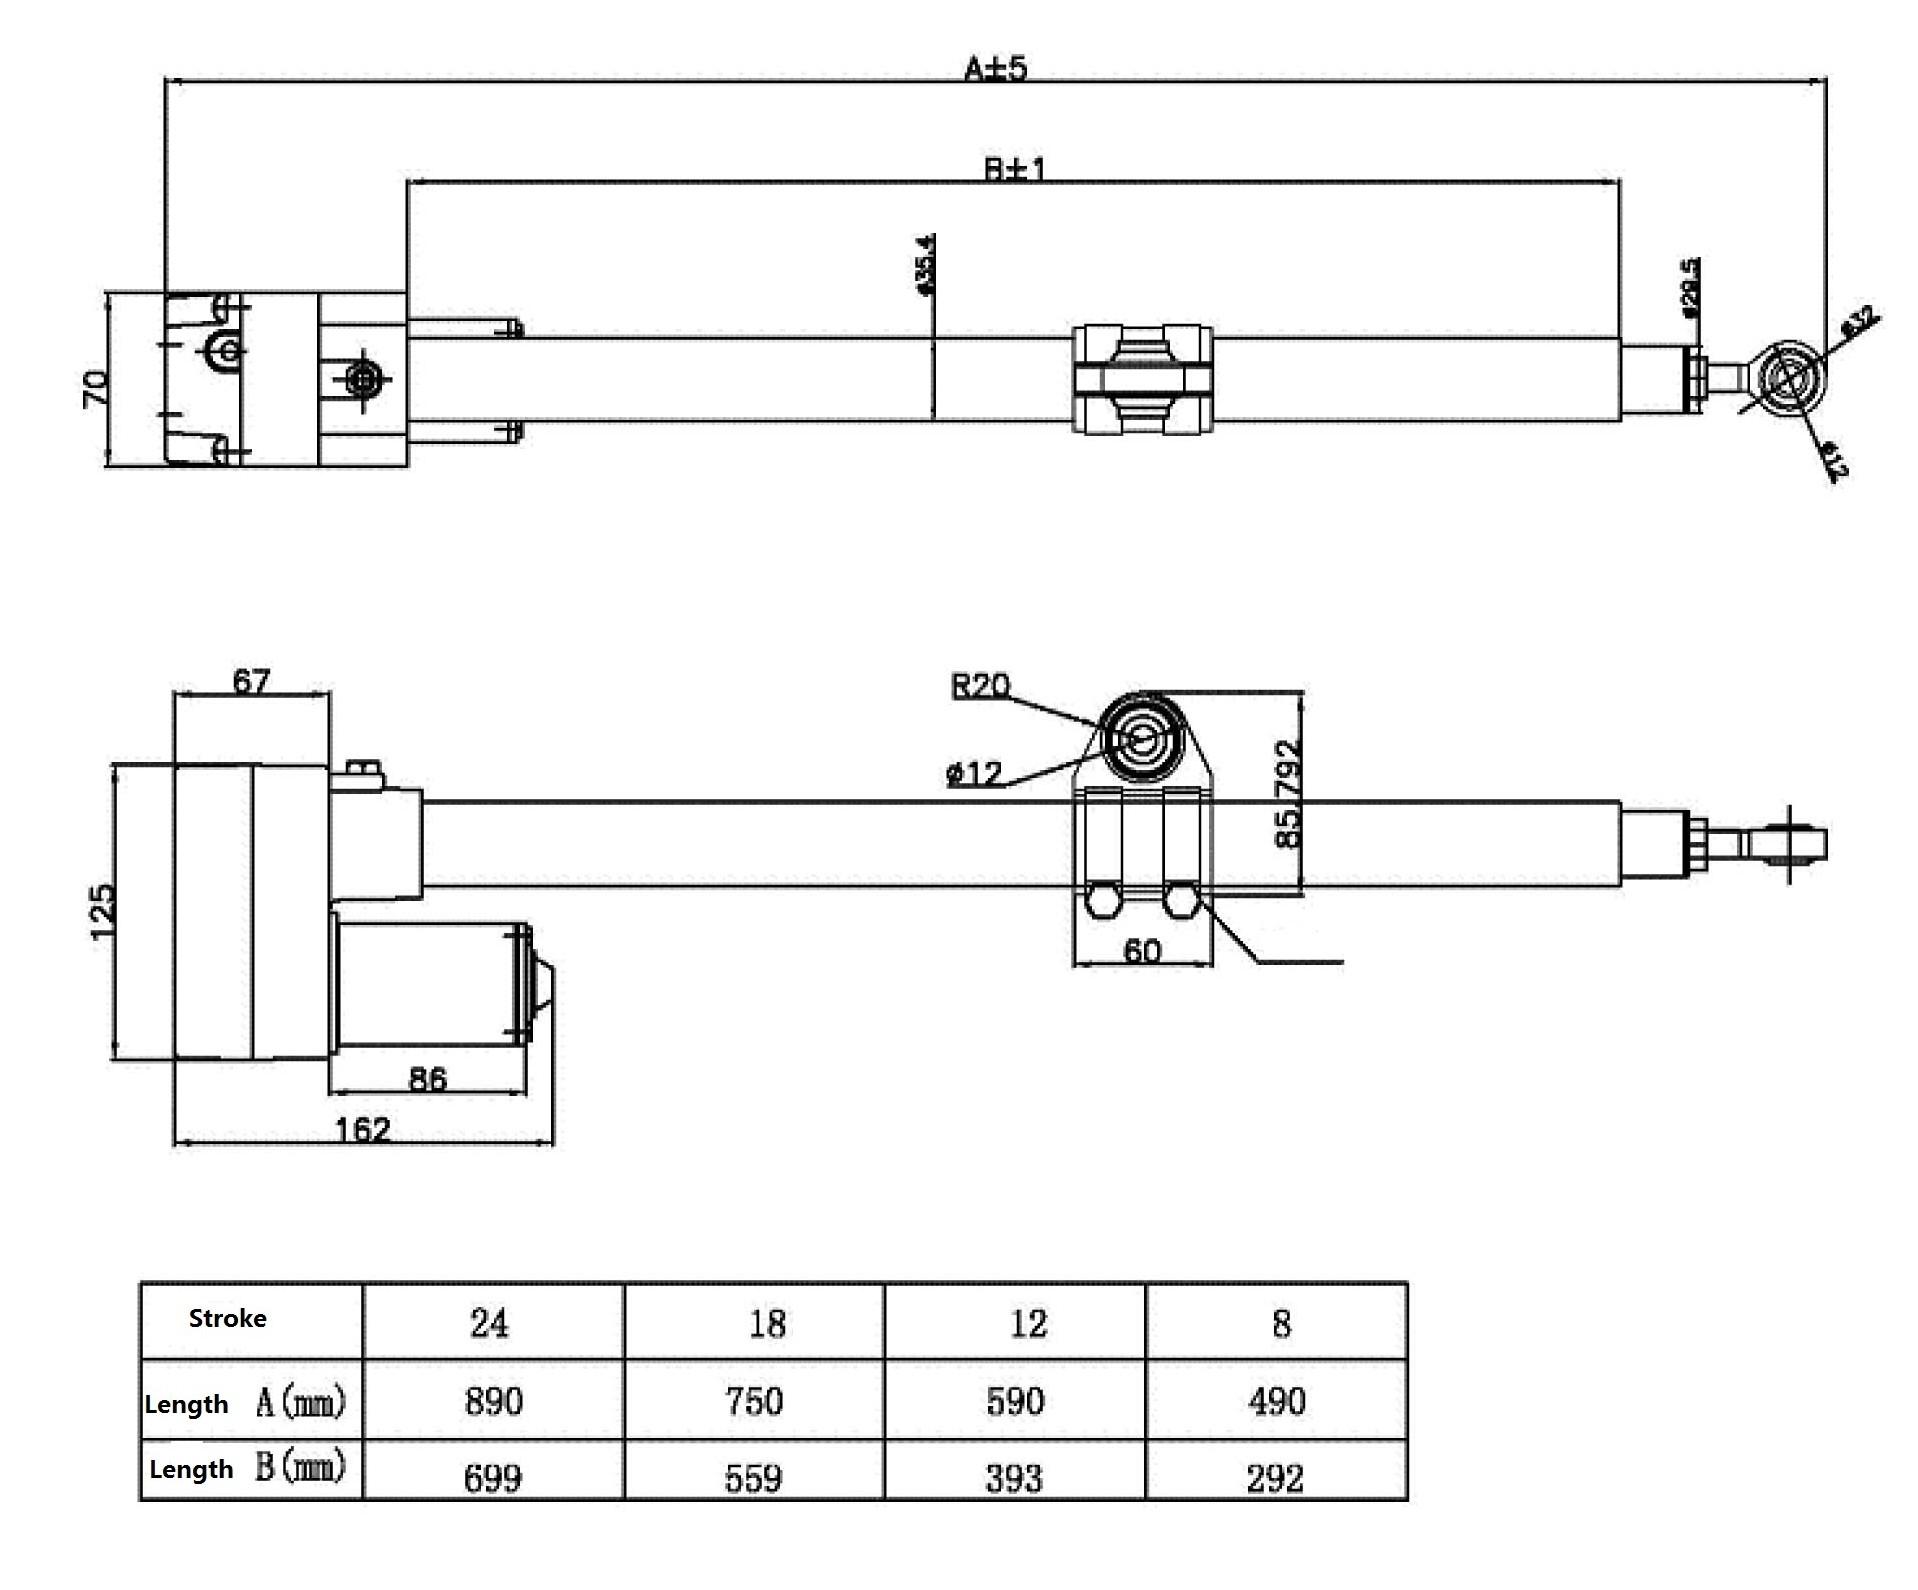 sla200-outline-drawing